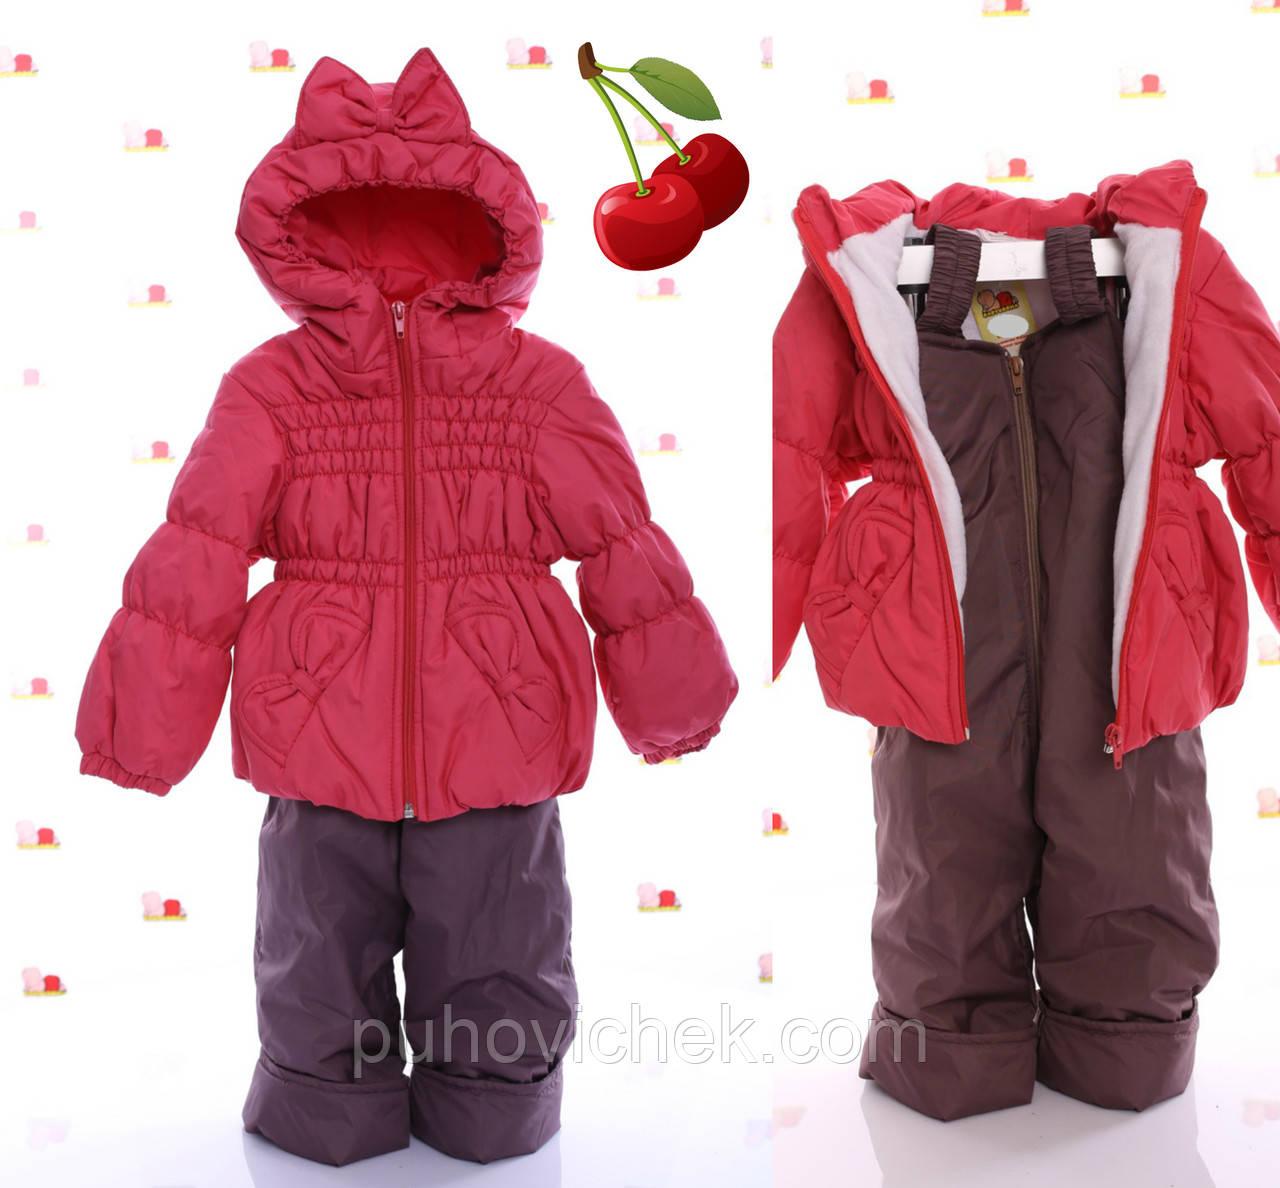 Детские демисезонные костюмы для девочек р.86